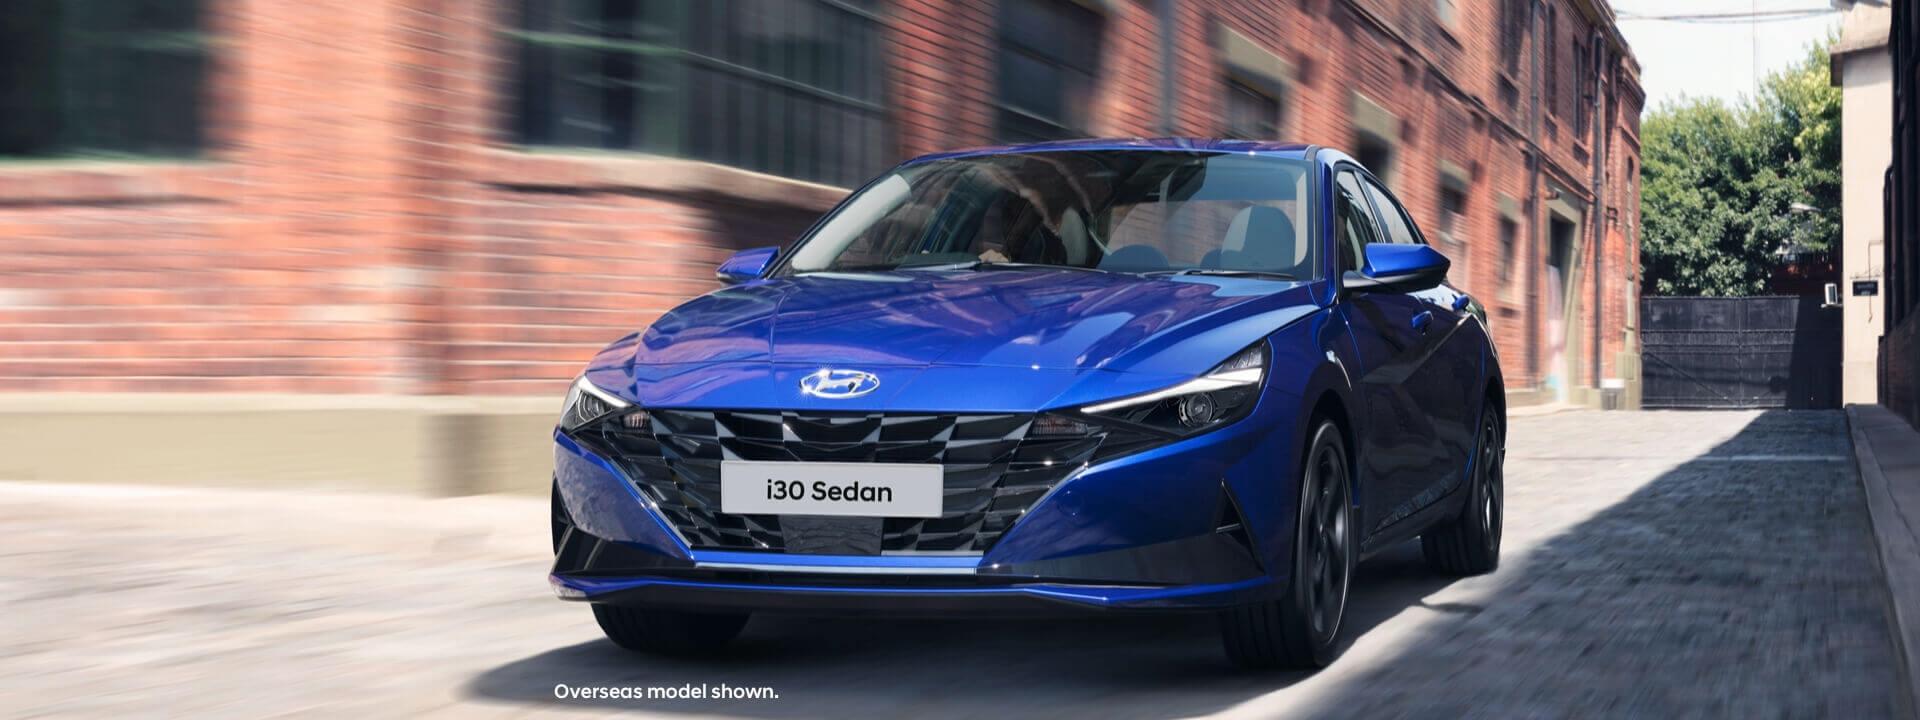 Hyundai i30 Sedan